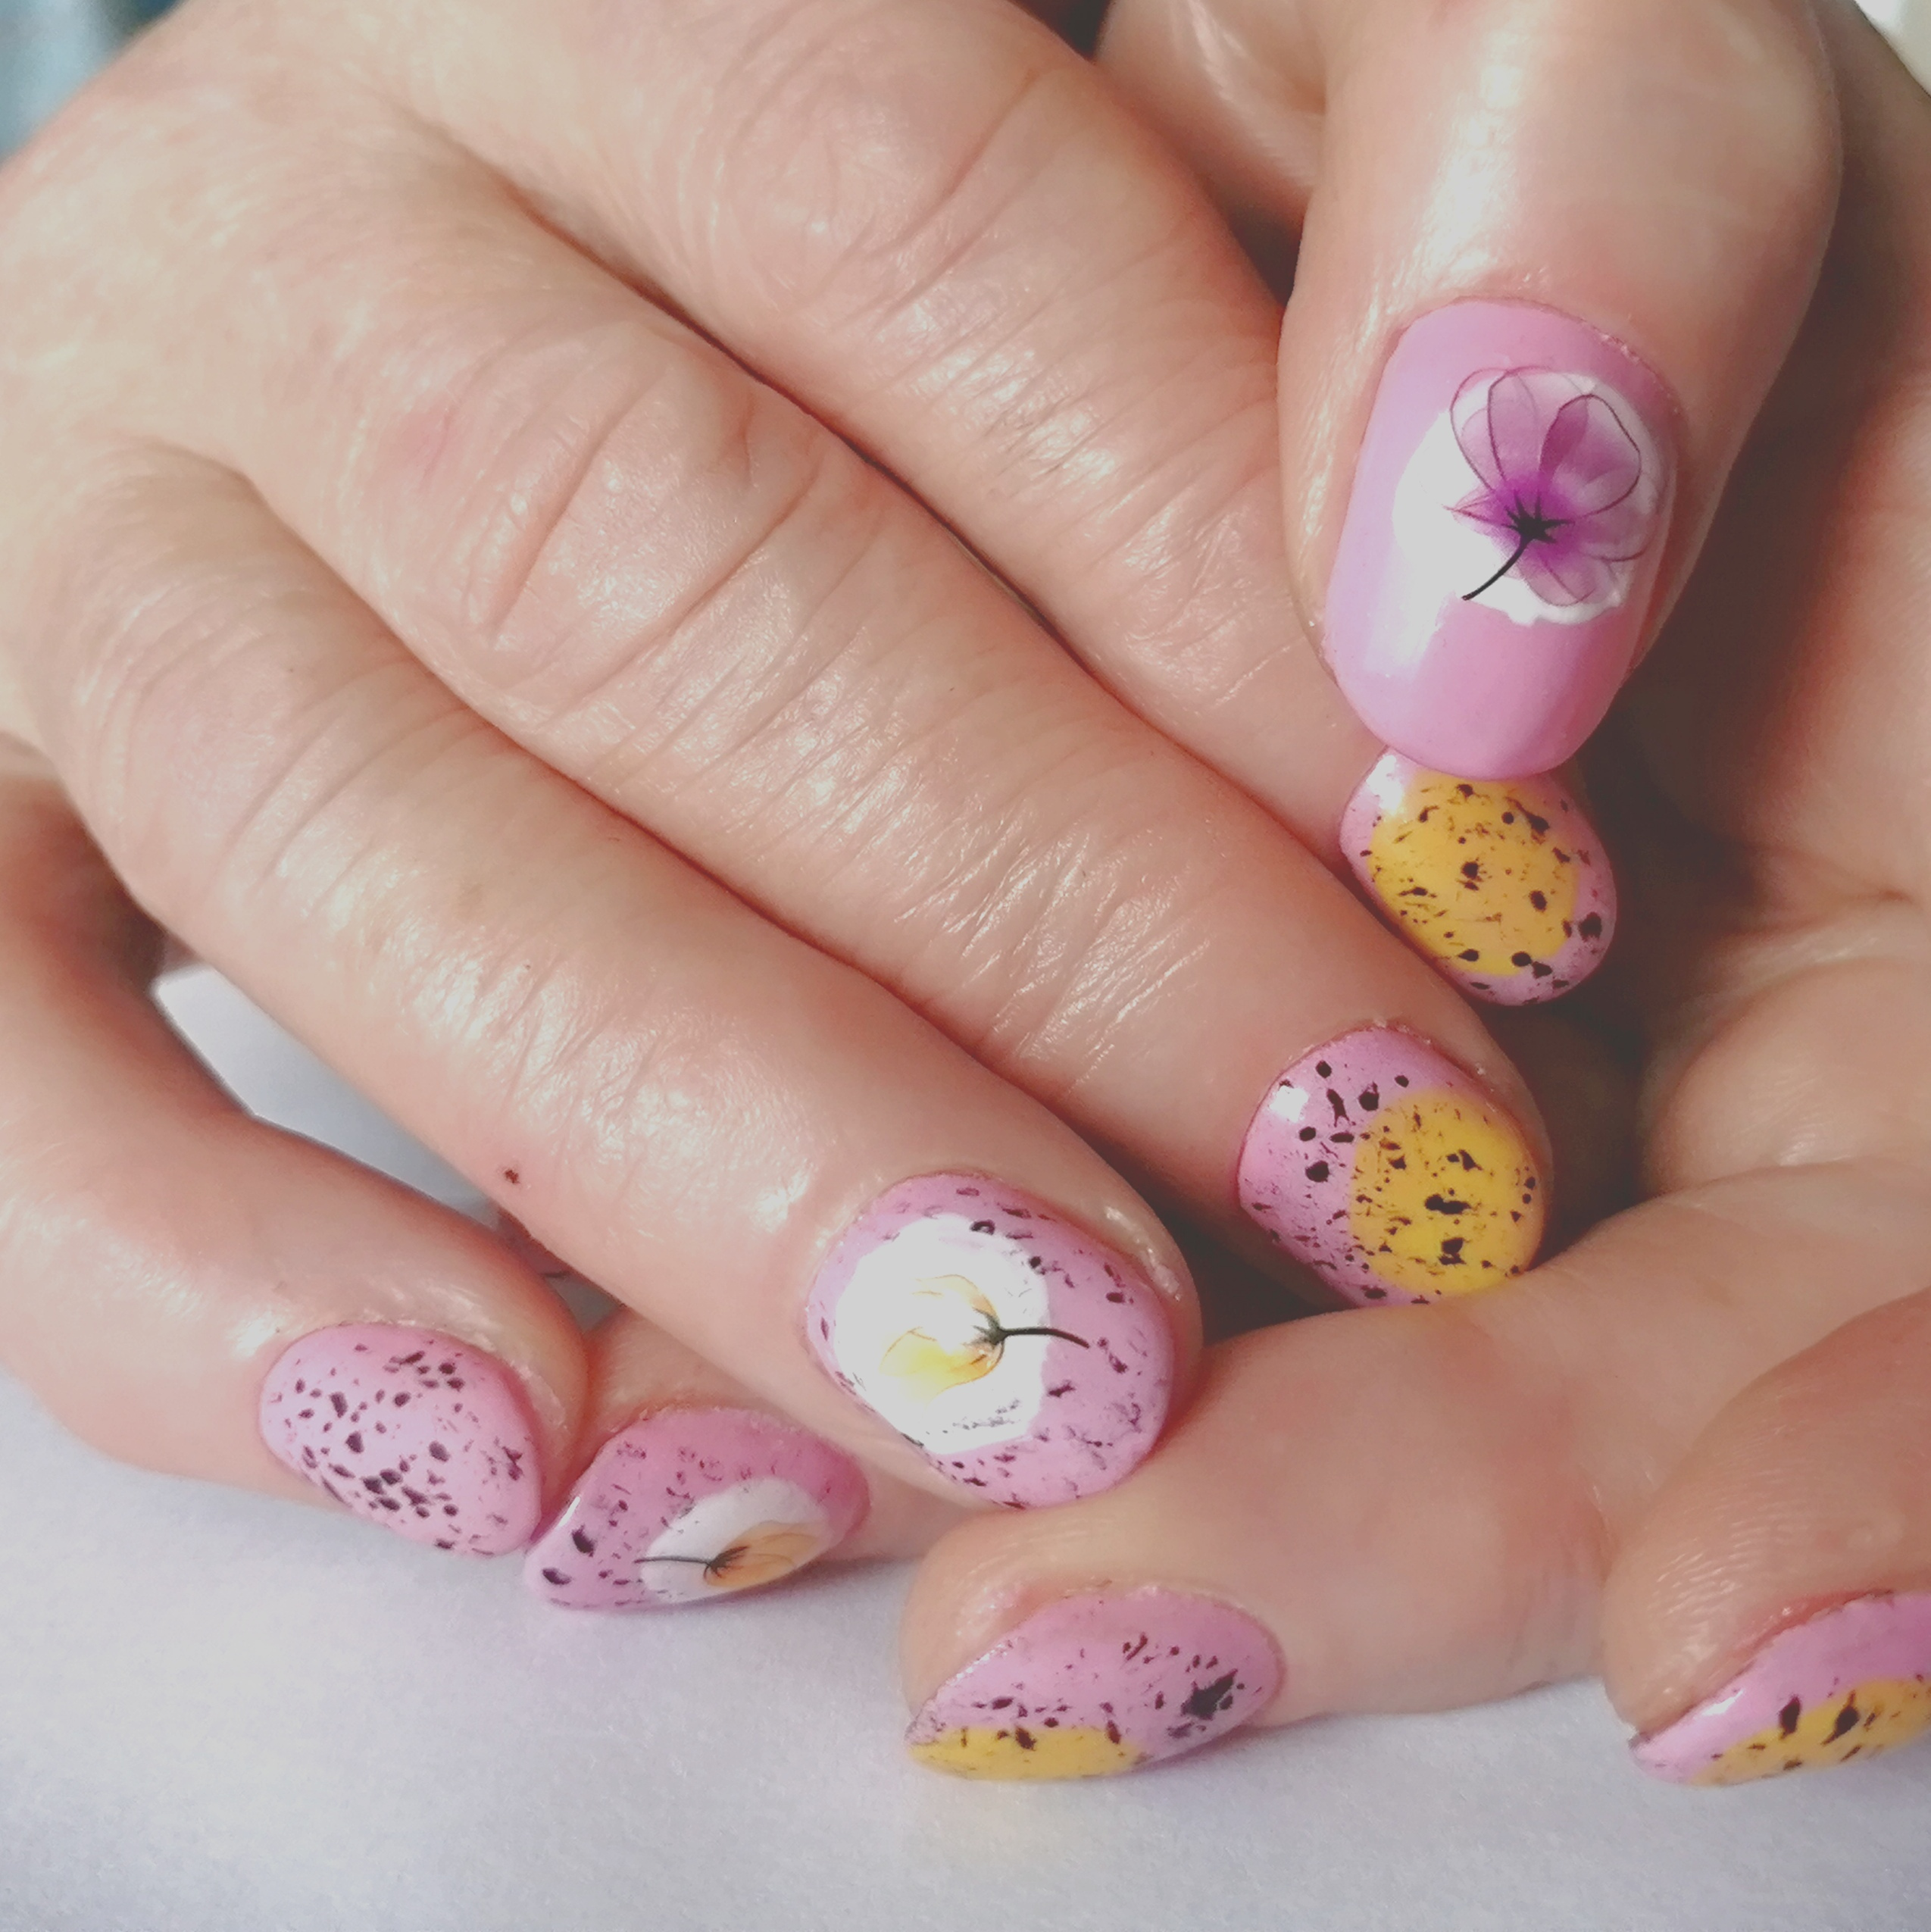 Маникюр с цветочными слайдерами в розовом цвете на короткие ногти.